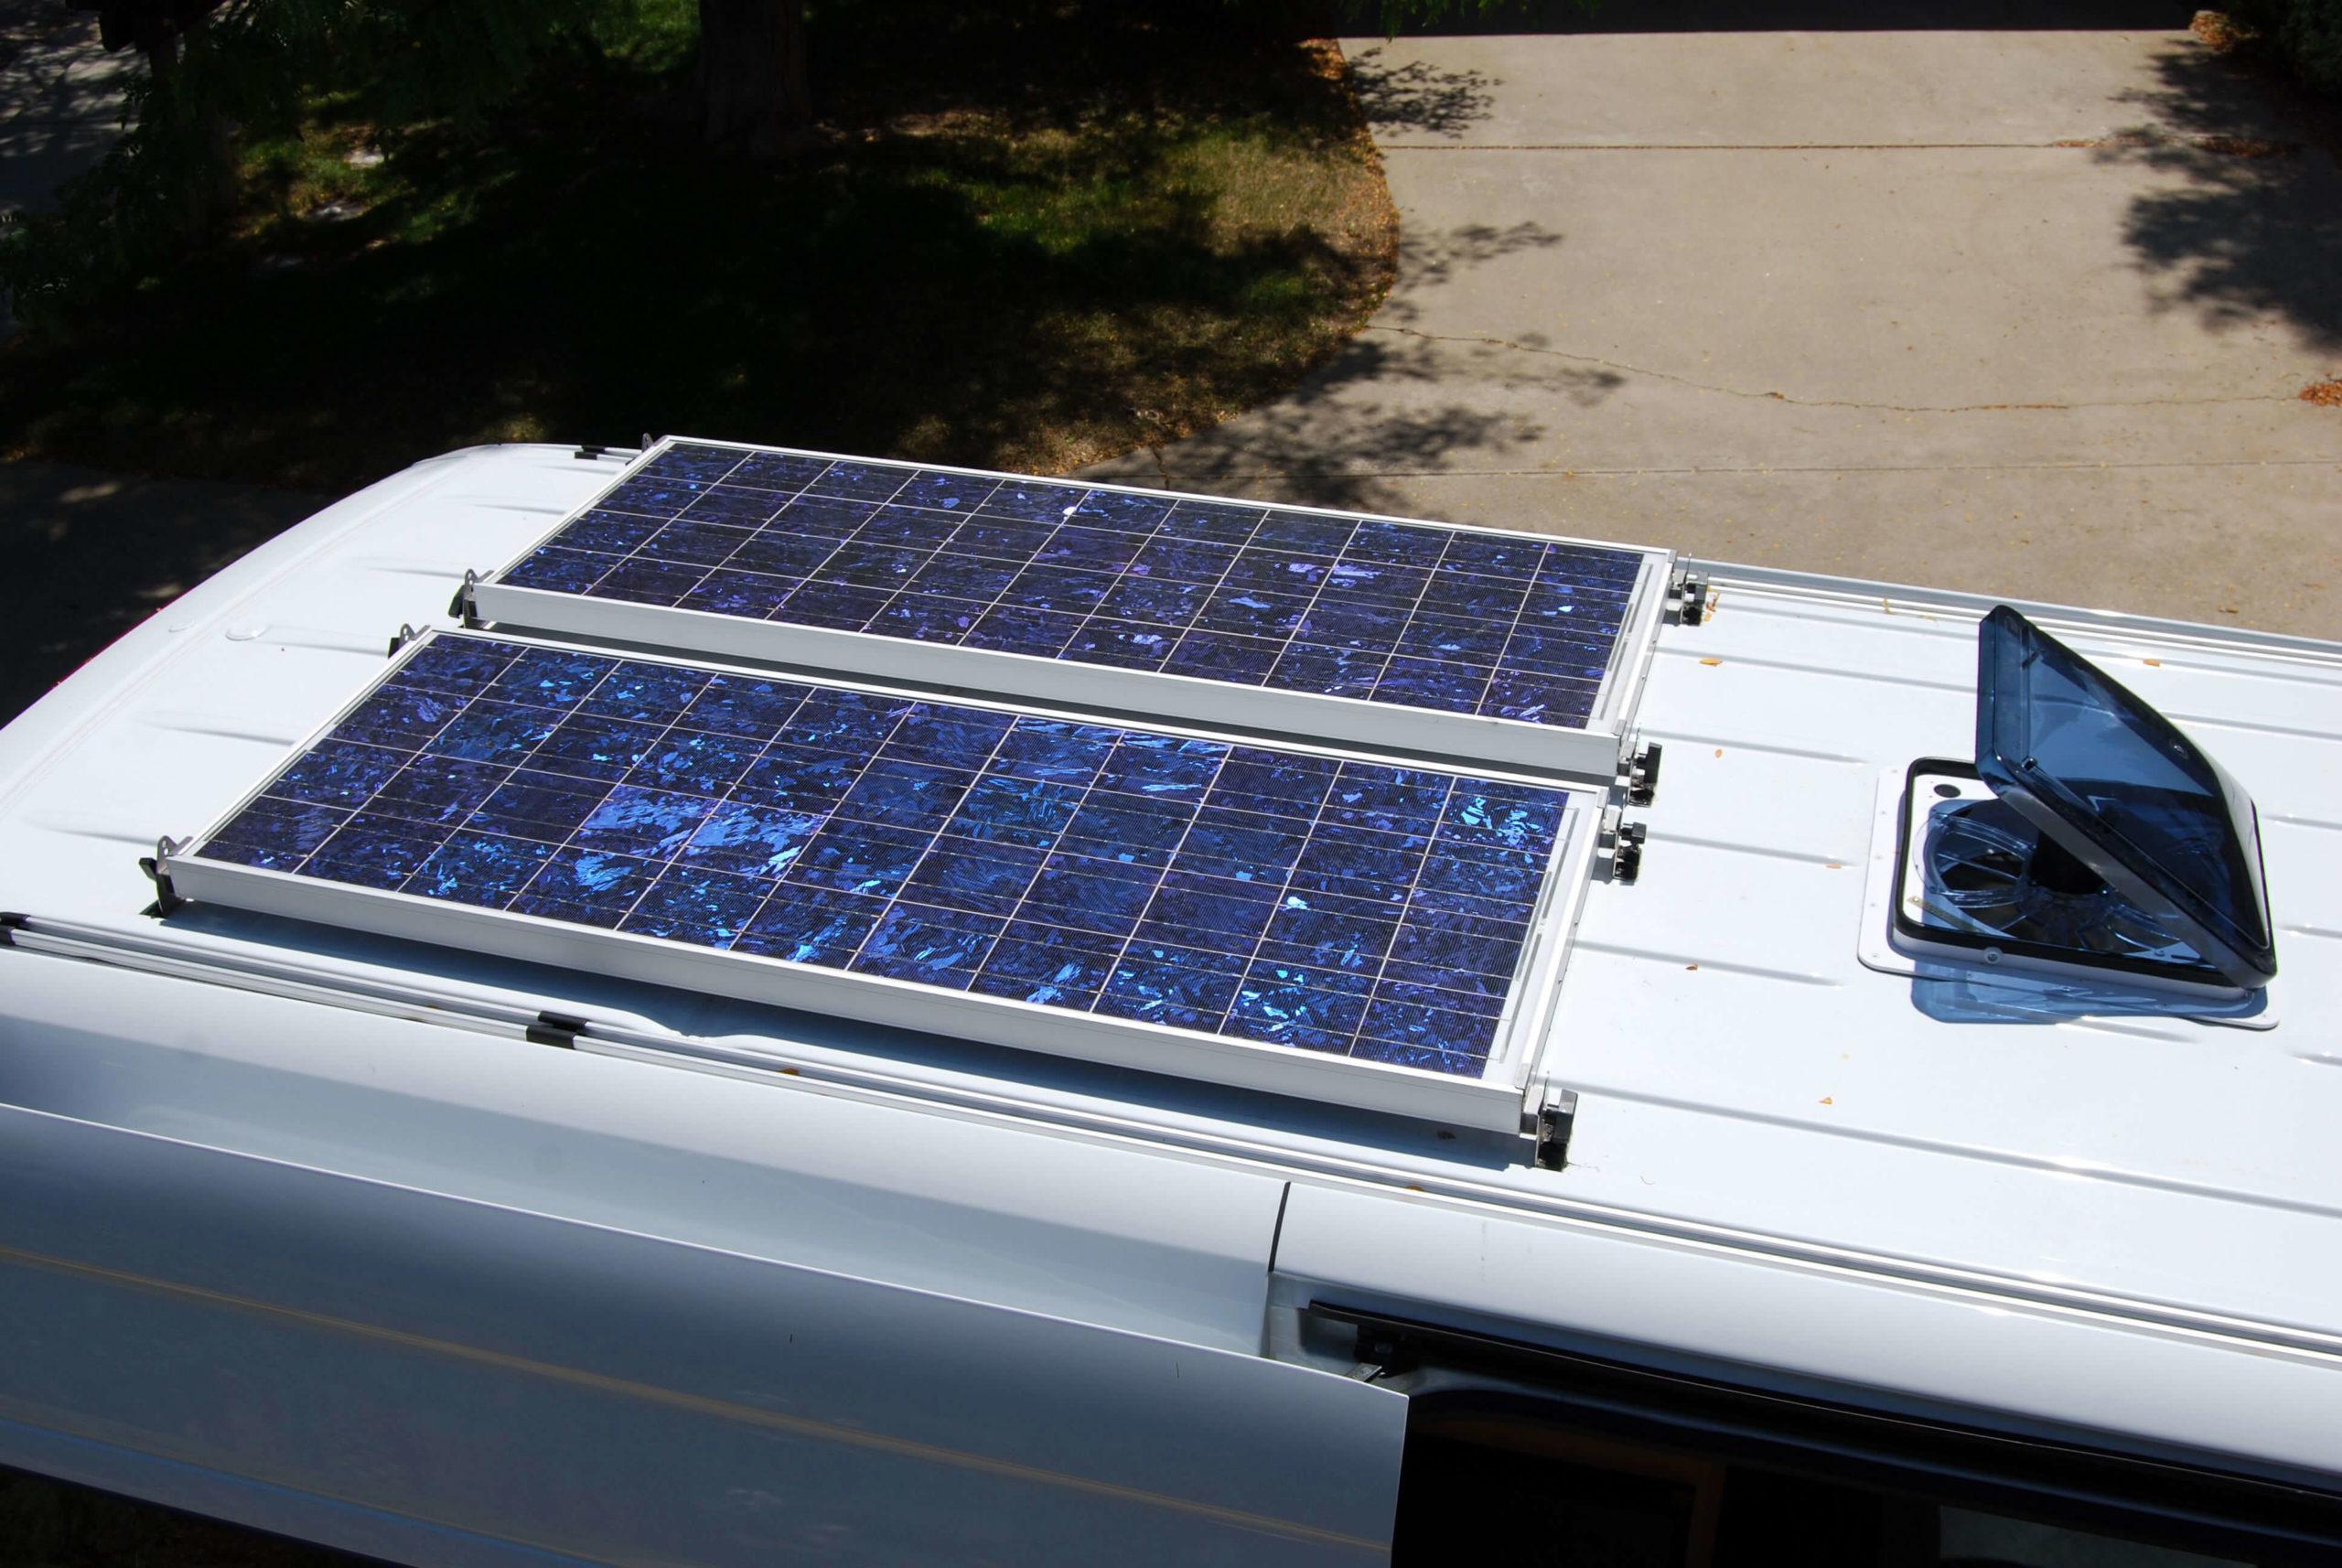 Pannelli solari per camper: quale scegliere?